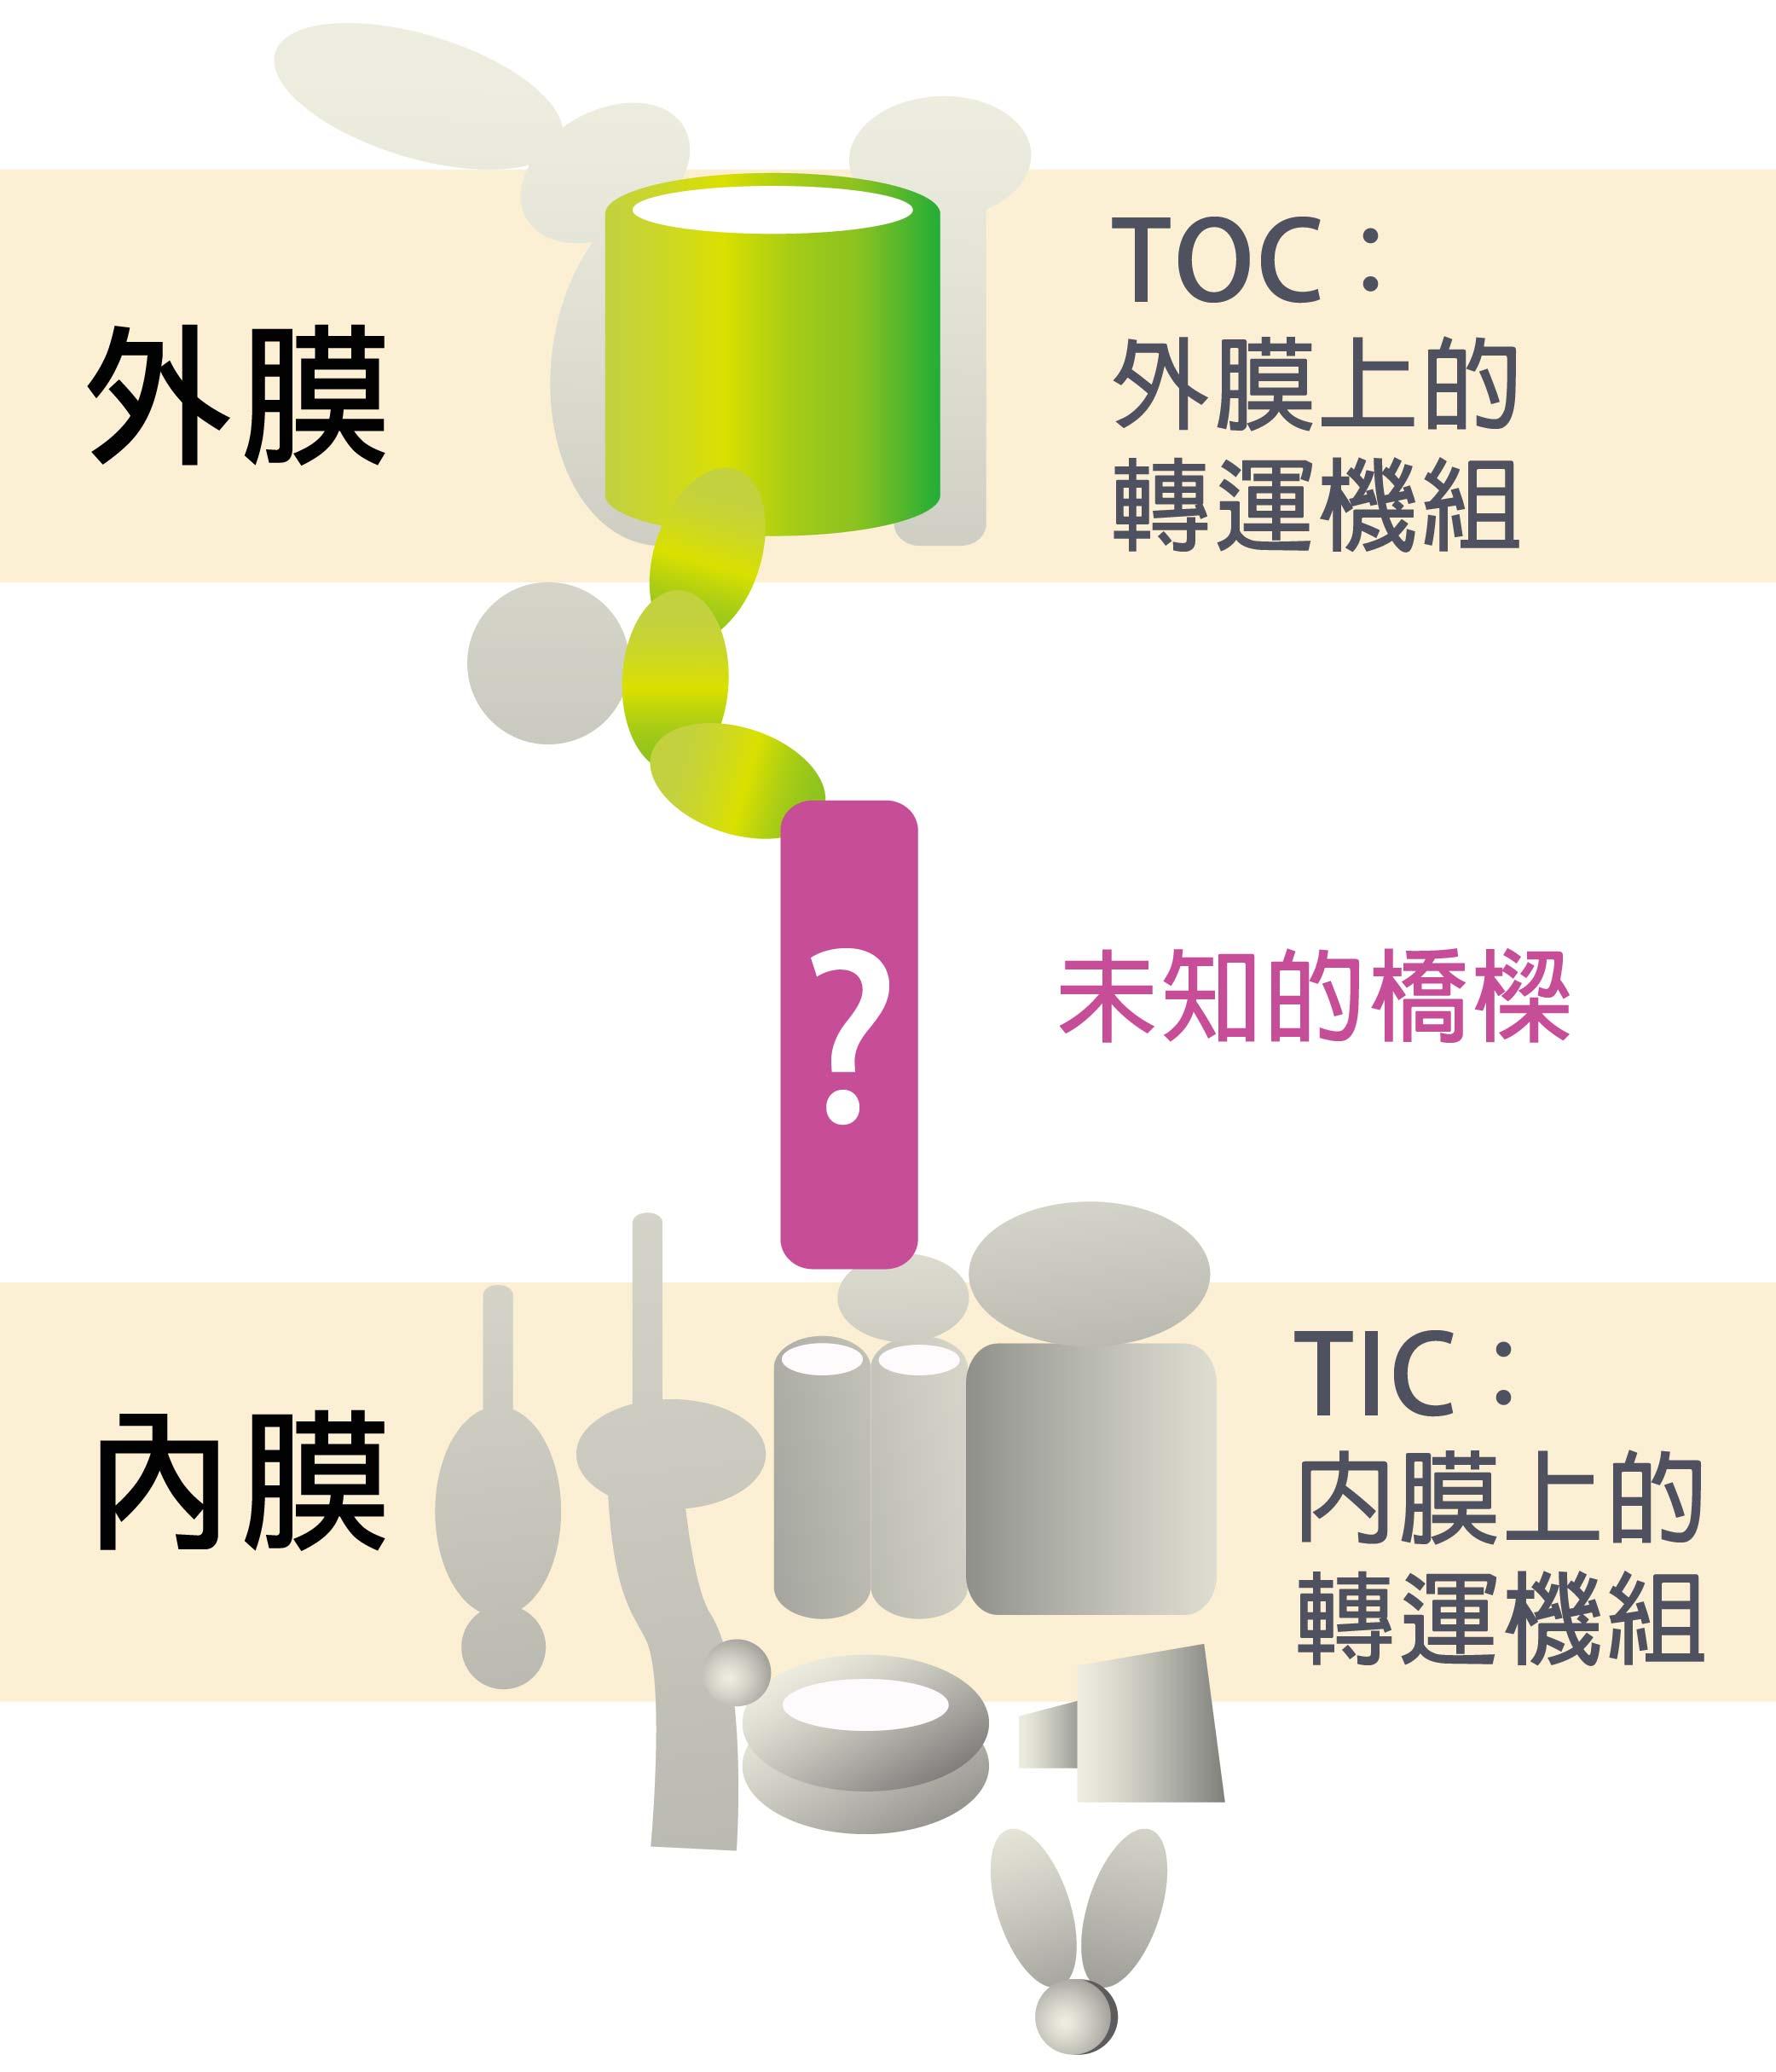 過去科學家已經找到內、外膜上的轉運機組的許多成員,實驗上也證實兩機組應該是相連。怎麼證實的?科學家從豌豆苗分離出葉綠體,利用和膜上機組成員對應的抗體,將膜上的機組成員拉下來,看看能不能把內外膜機組成員一起拉下來。李秀敏解釋:「用抗體從外膜拉,TOC 和 TIC 會一起被拉下來,用抗體從內膜拉,兩者也一起被拉下來,所以知道彼此間一定有一座橋相連。」然而科學家始終找不到那座「橋」。資料來源│李秀敏 圖片重製│林洵安